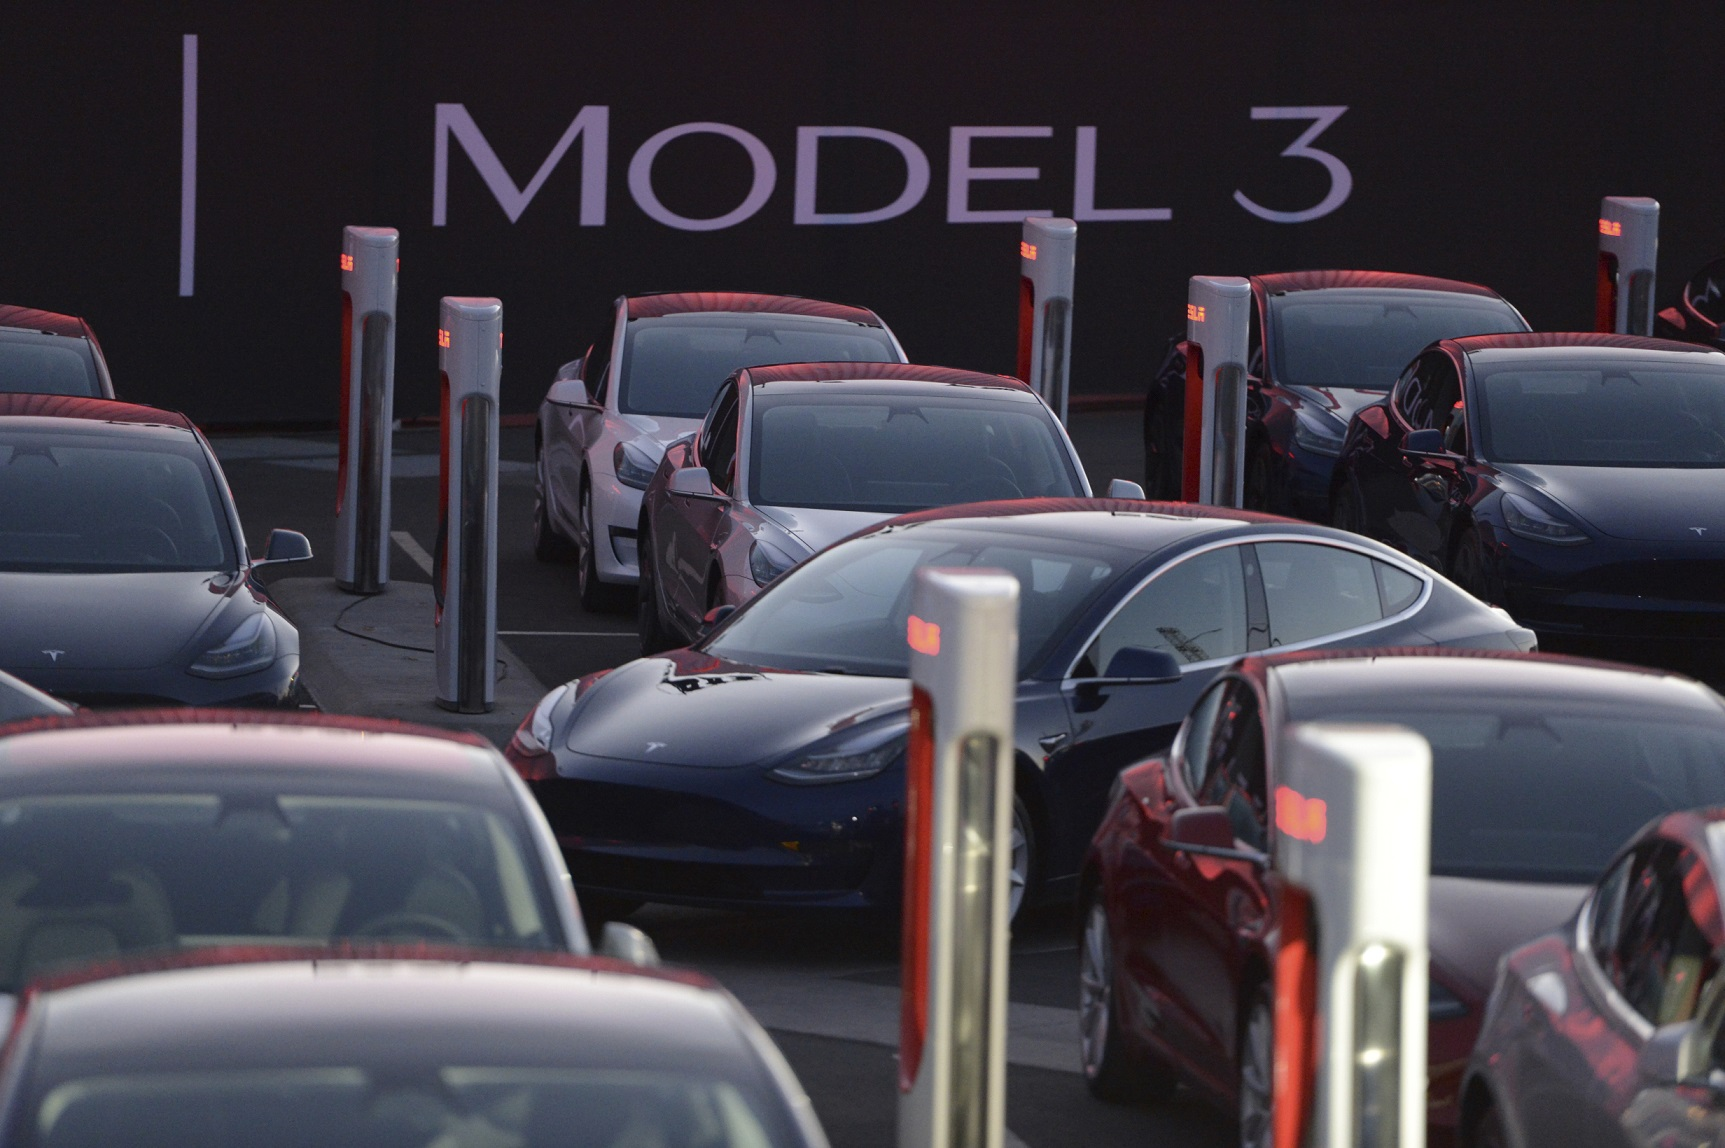 kiszállításra váró Model 3-asok sorakoznak egymás mellett